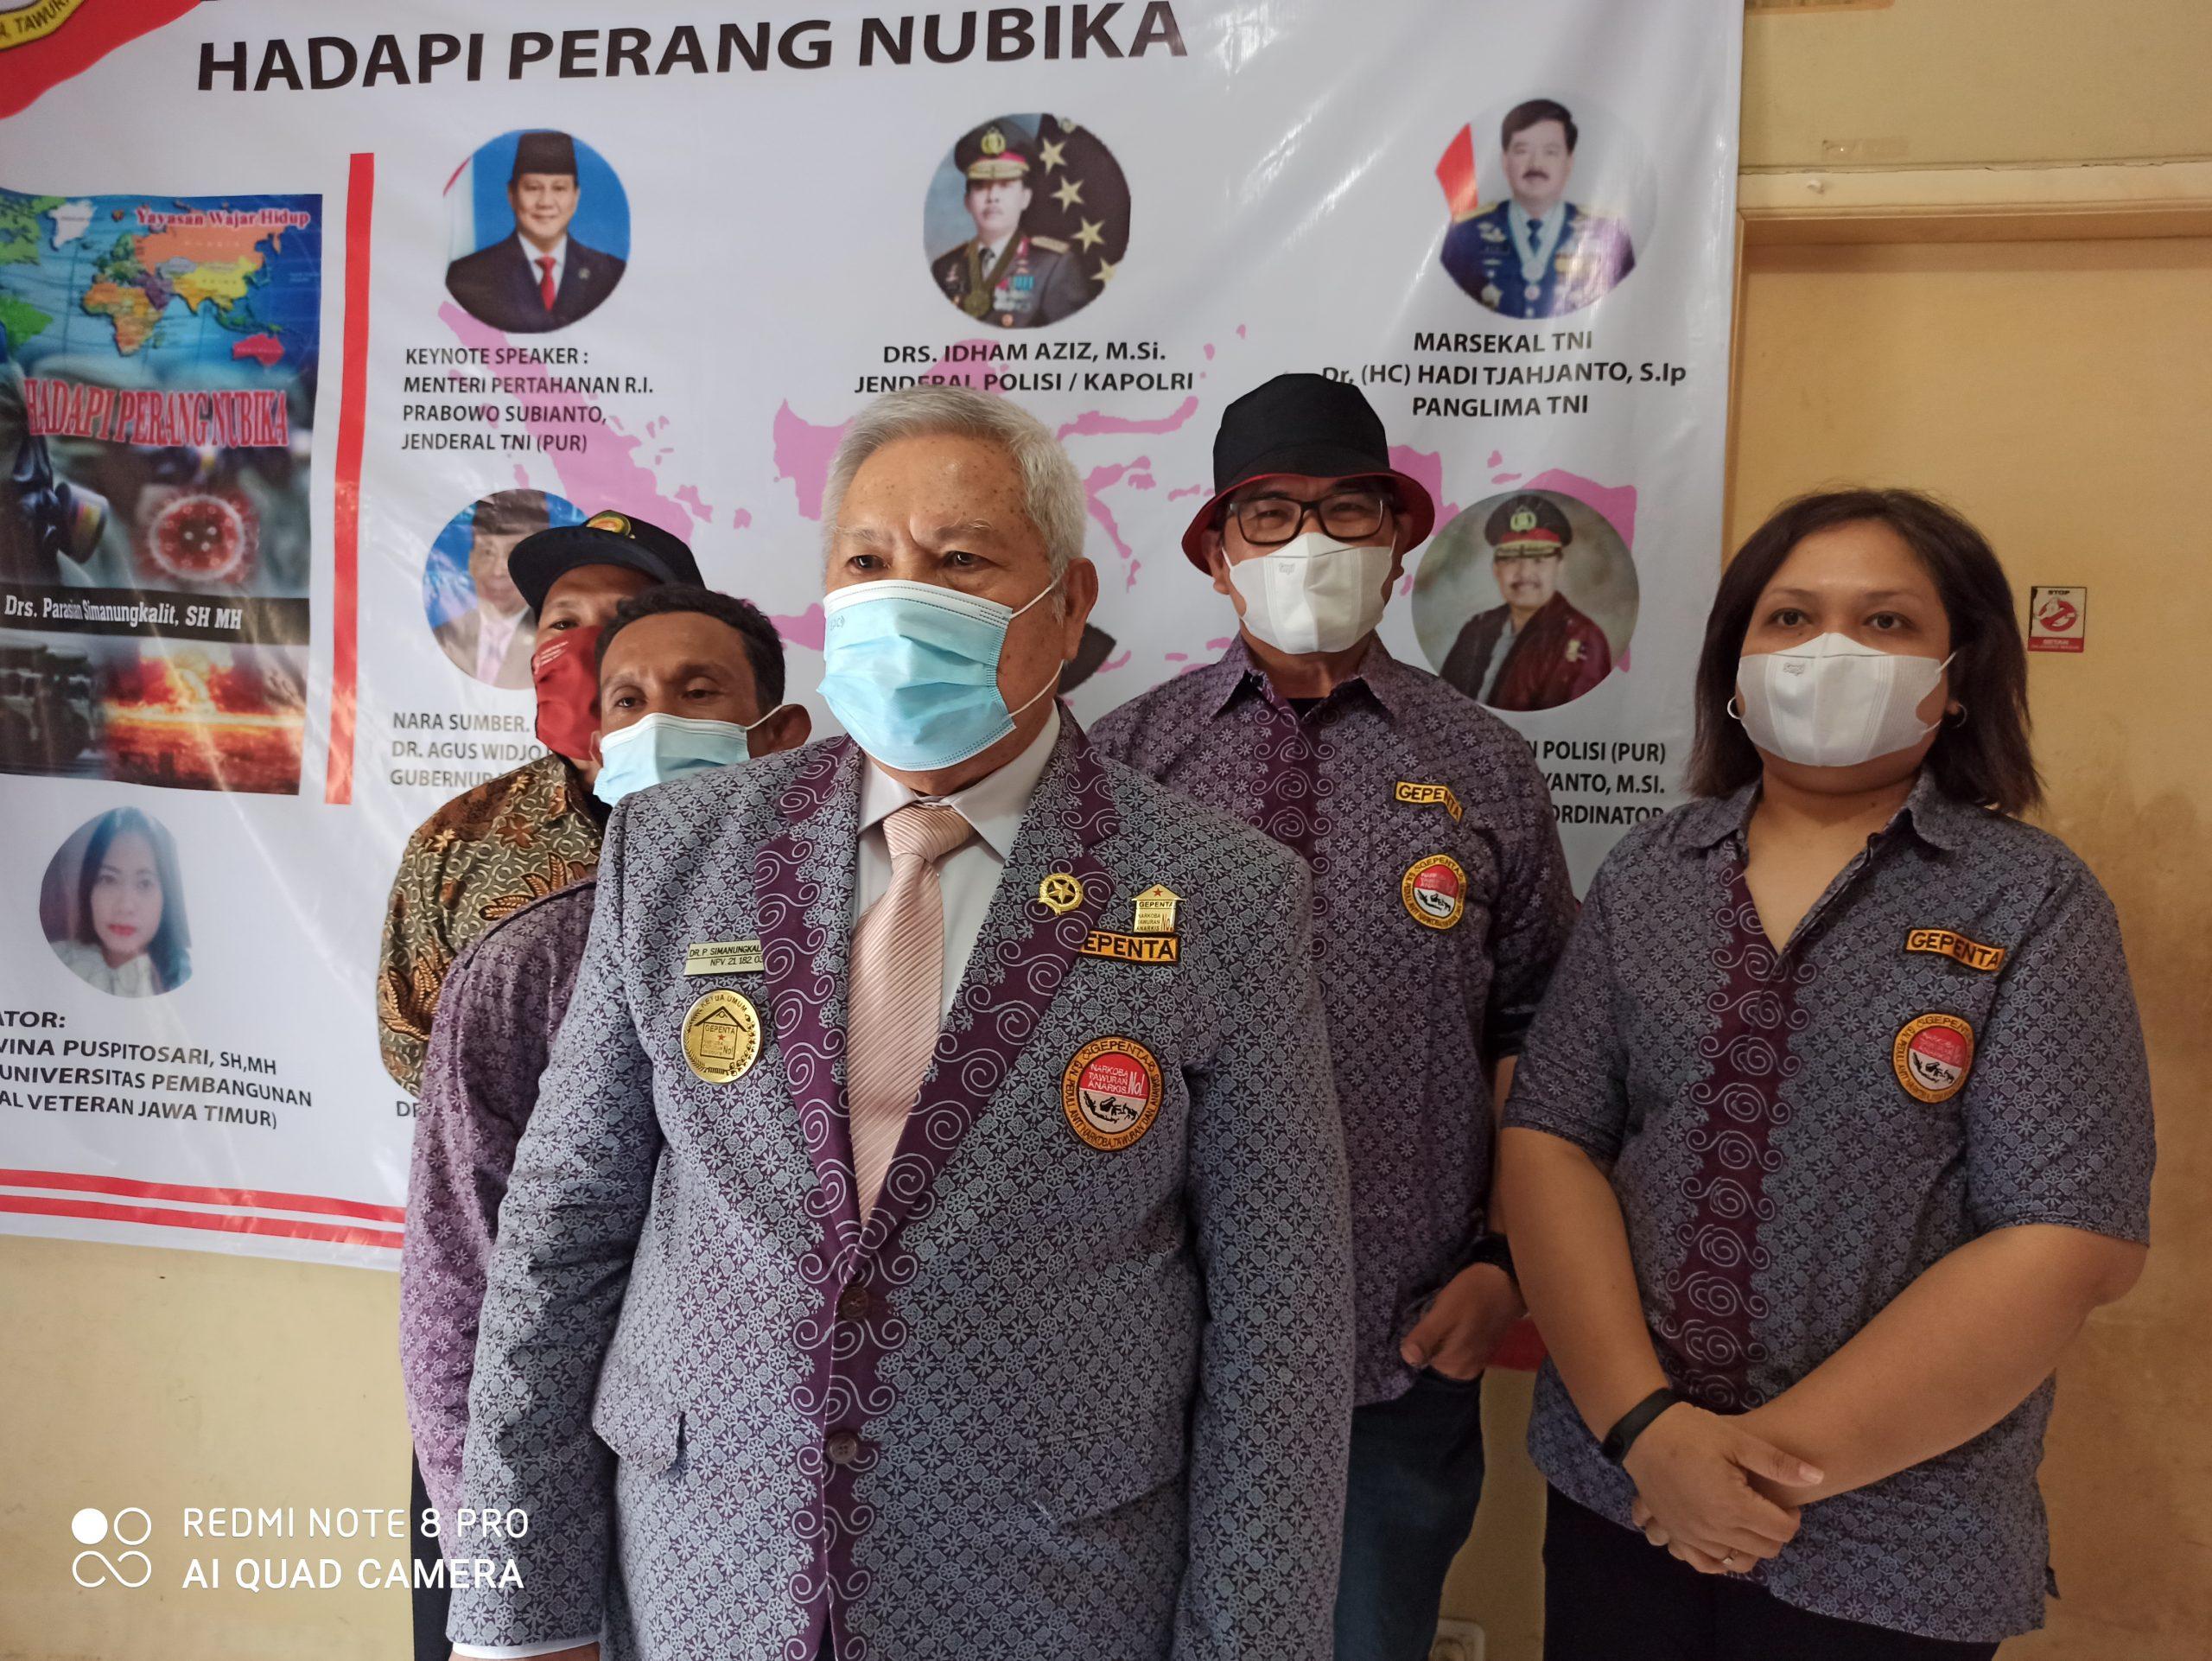 GEPENTA Gelar Doa Bersama Seluruh Umat Beragama di Indonesia Melalui Virtual